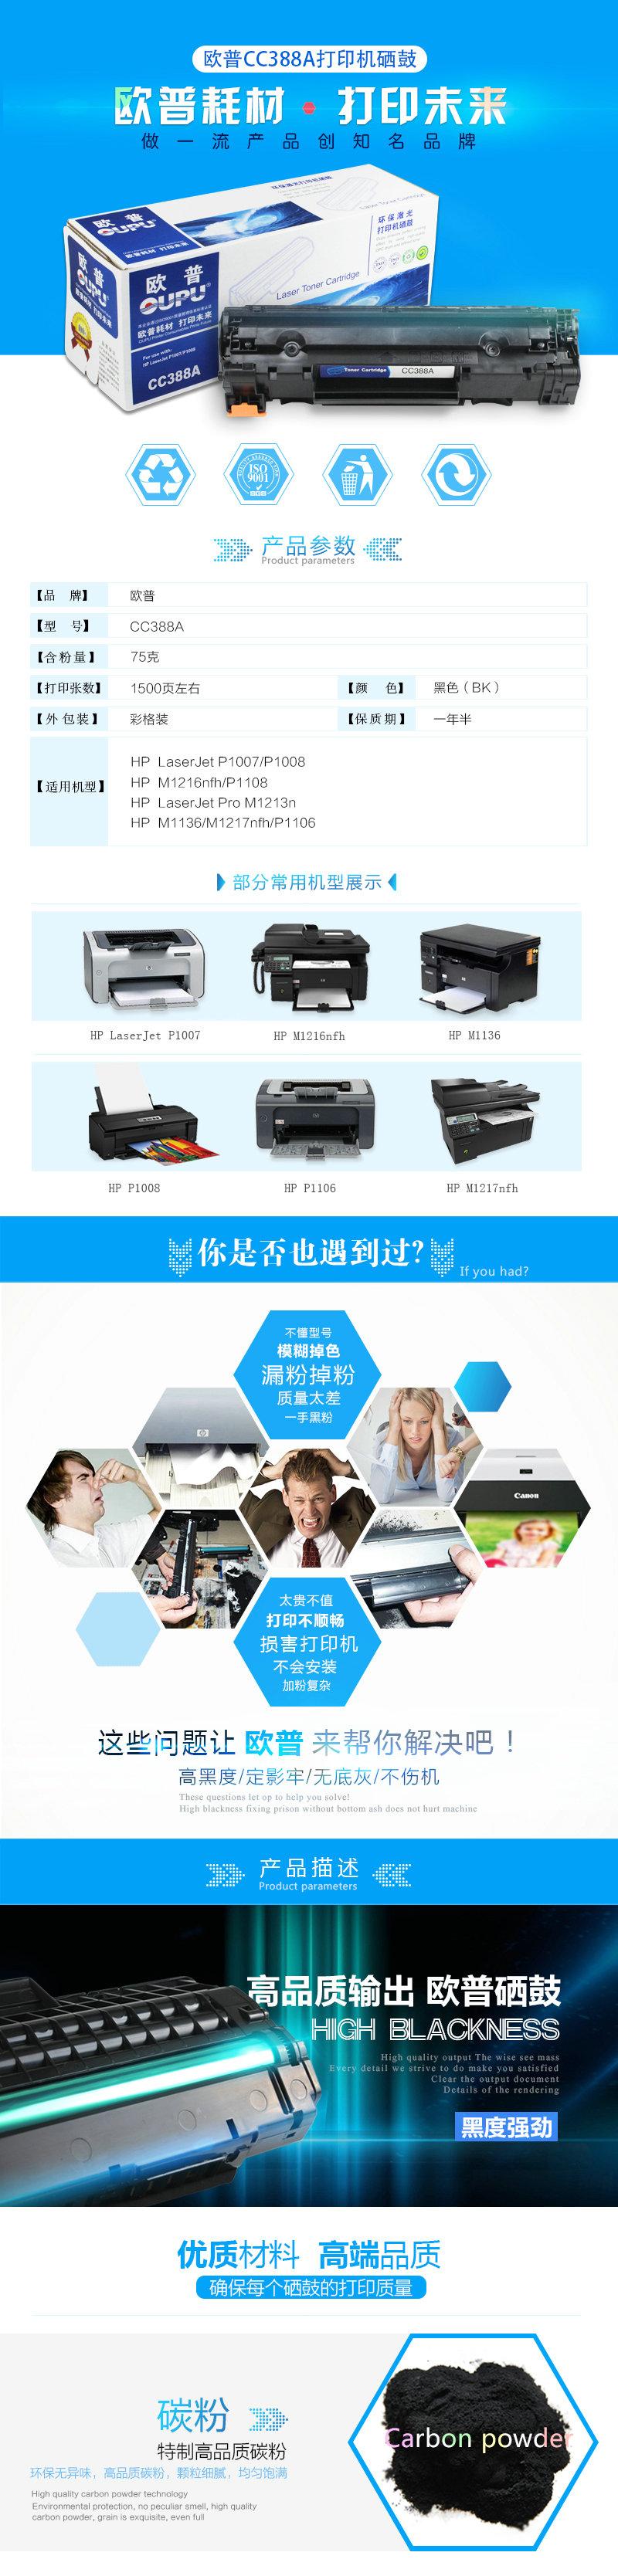 bob电竞唯一官网CC388A打印机bob博彩app-普通